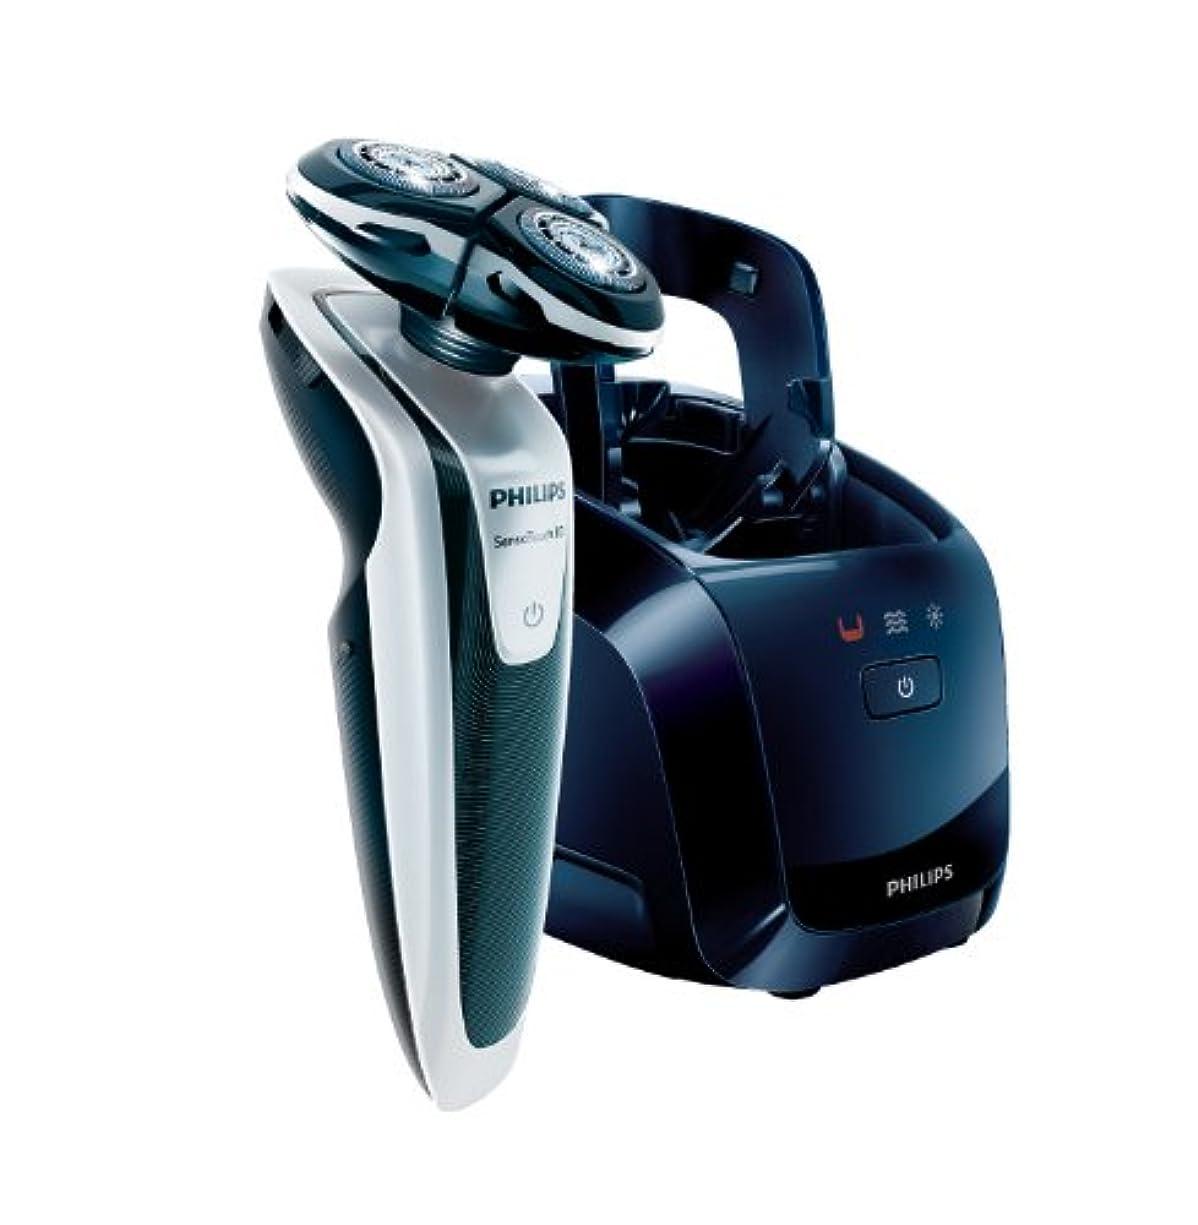 連帯出力定説フィリップス シェーバー センソタッチ3D【洗浄充電器付】RQ1251CC